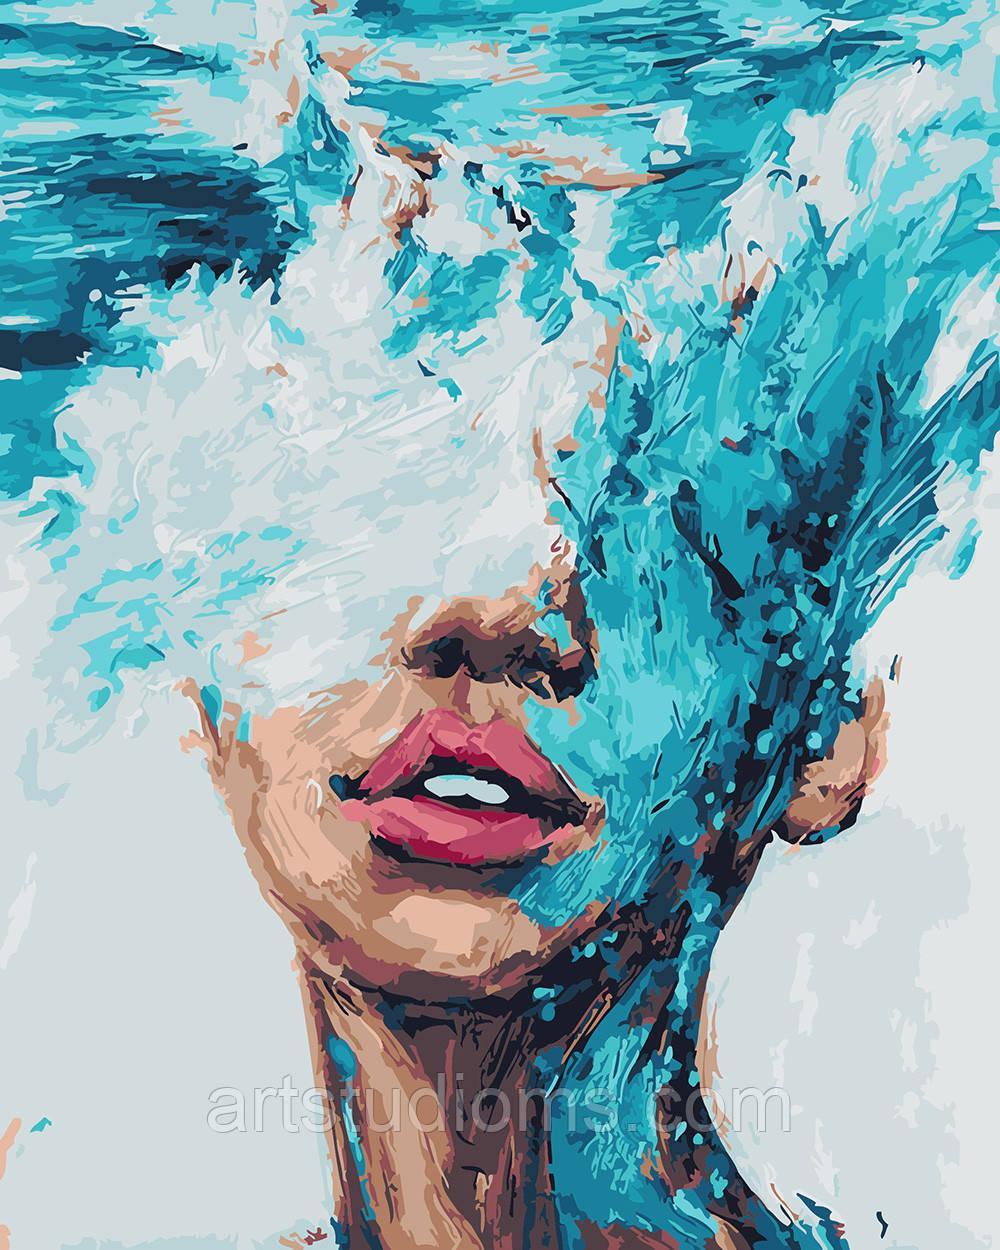 интернет магазин картин раскрасок по номерам в украине купить заказать приобрести раскраска для взрослых и детей стихия воды 40 х 50см без